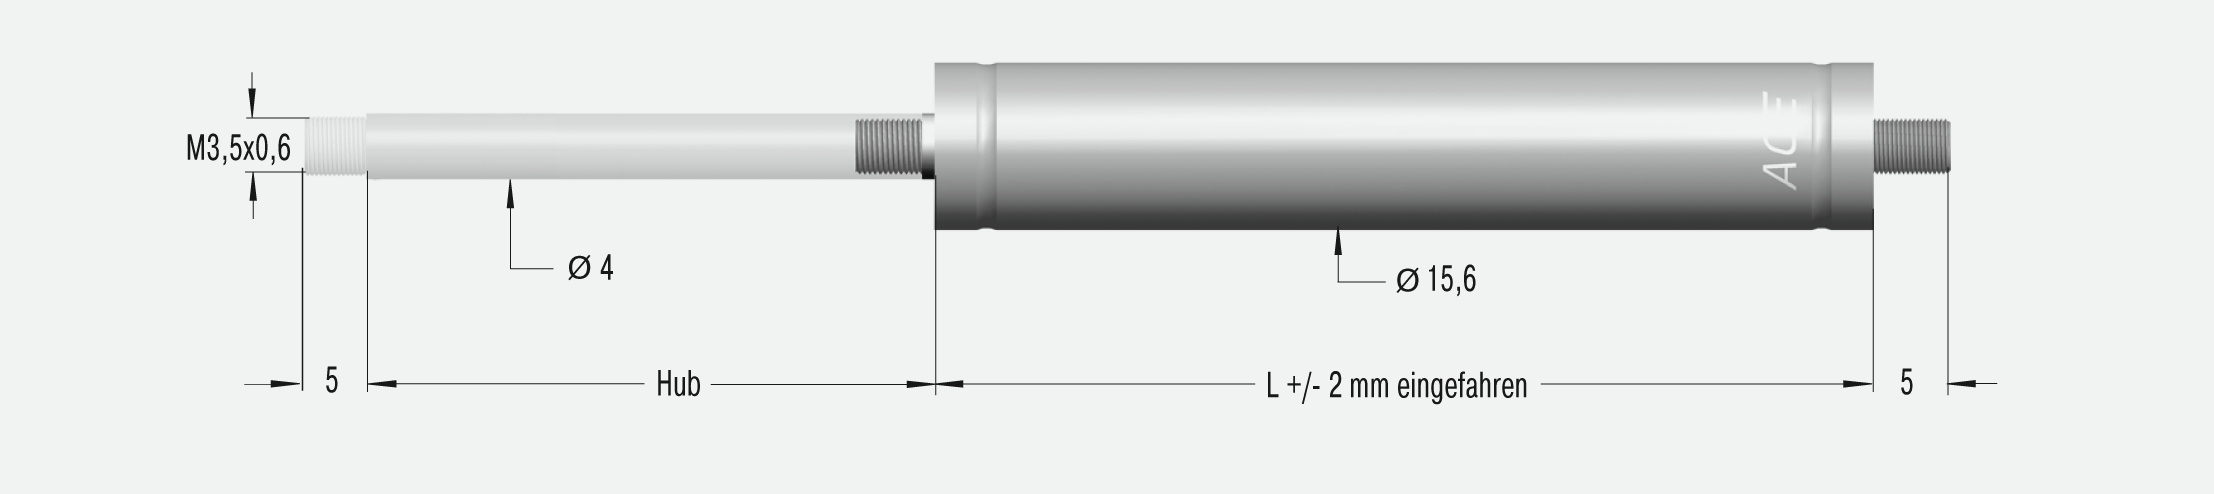 GZ-15-20-V4A